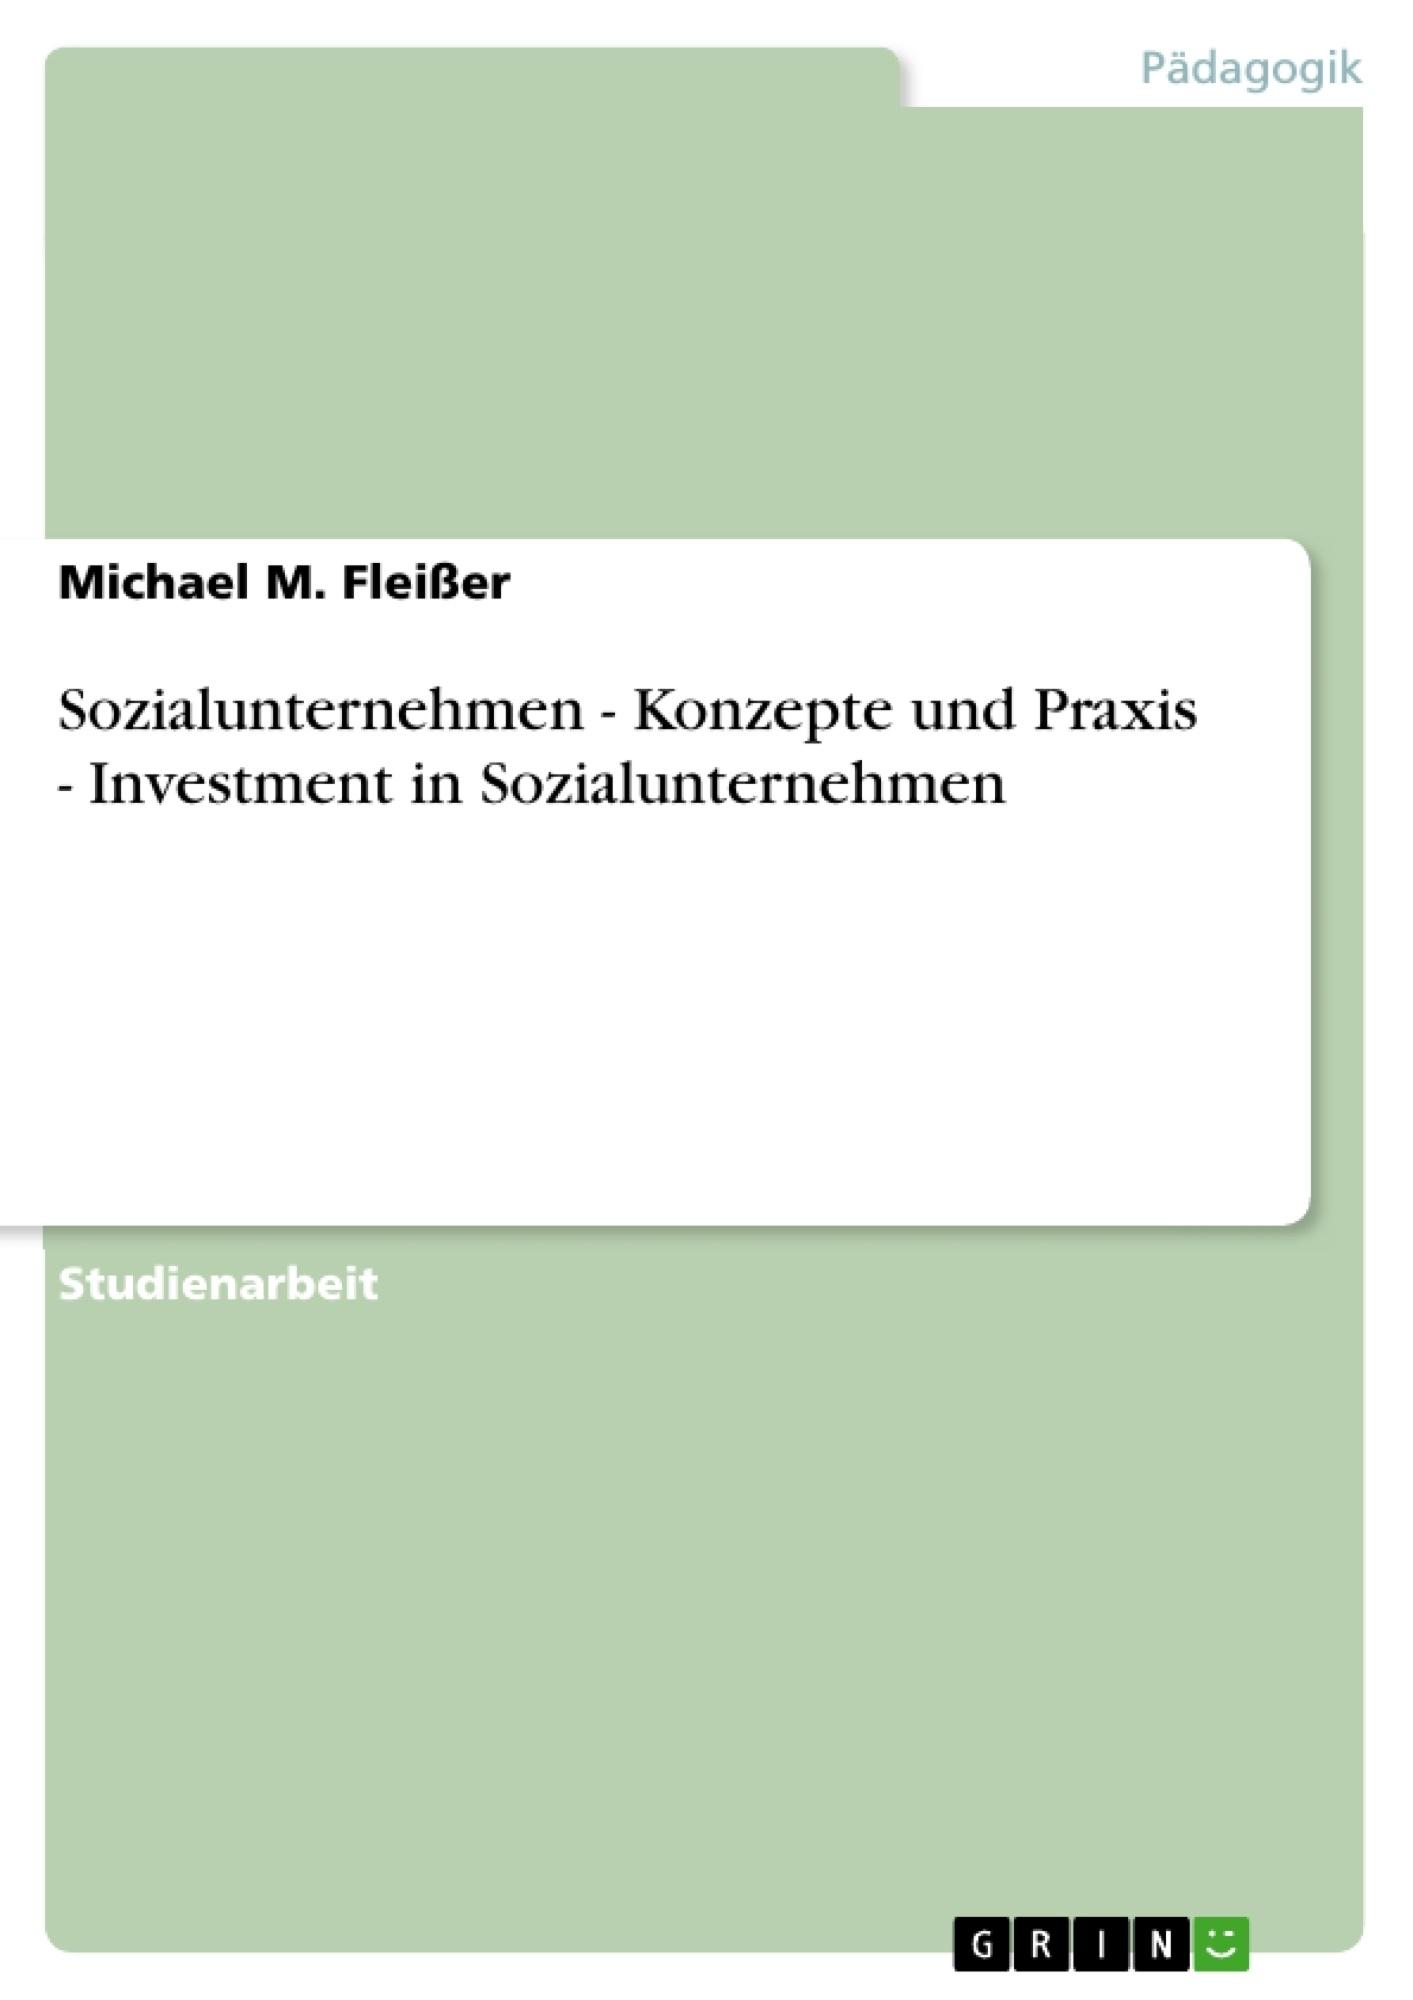 Titel: Sozialunternehmen - Konzepte und Praxis  -  Investment in Sozialunternehmen